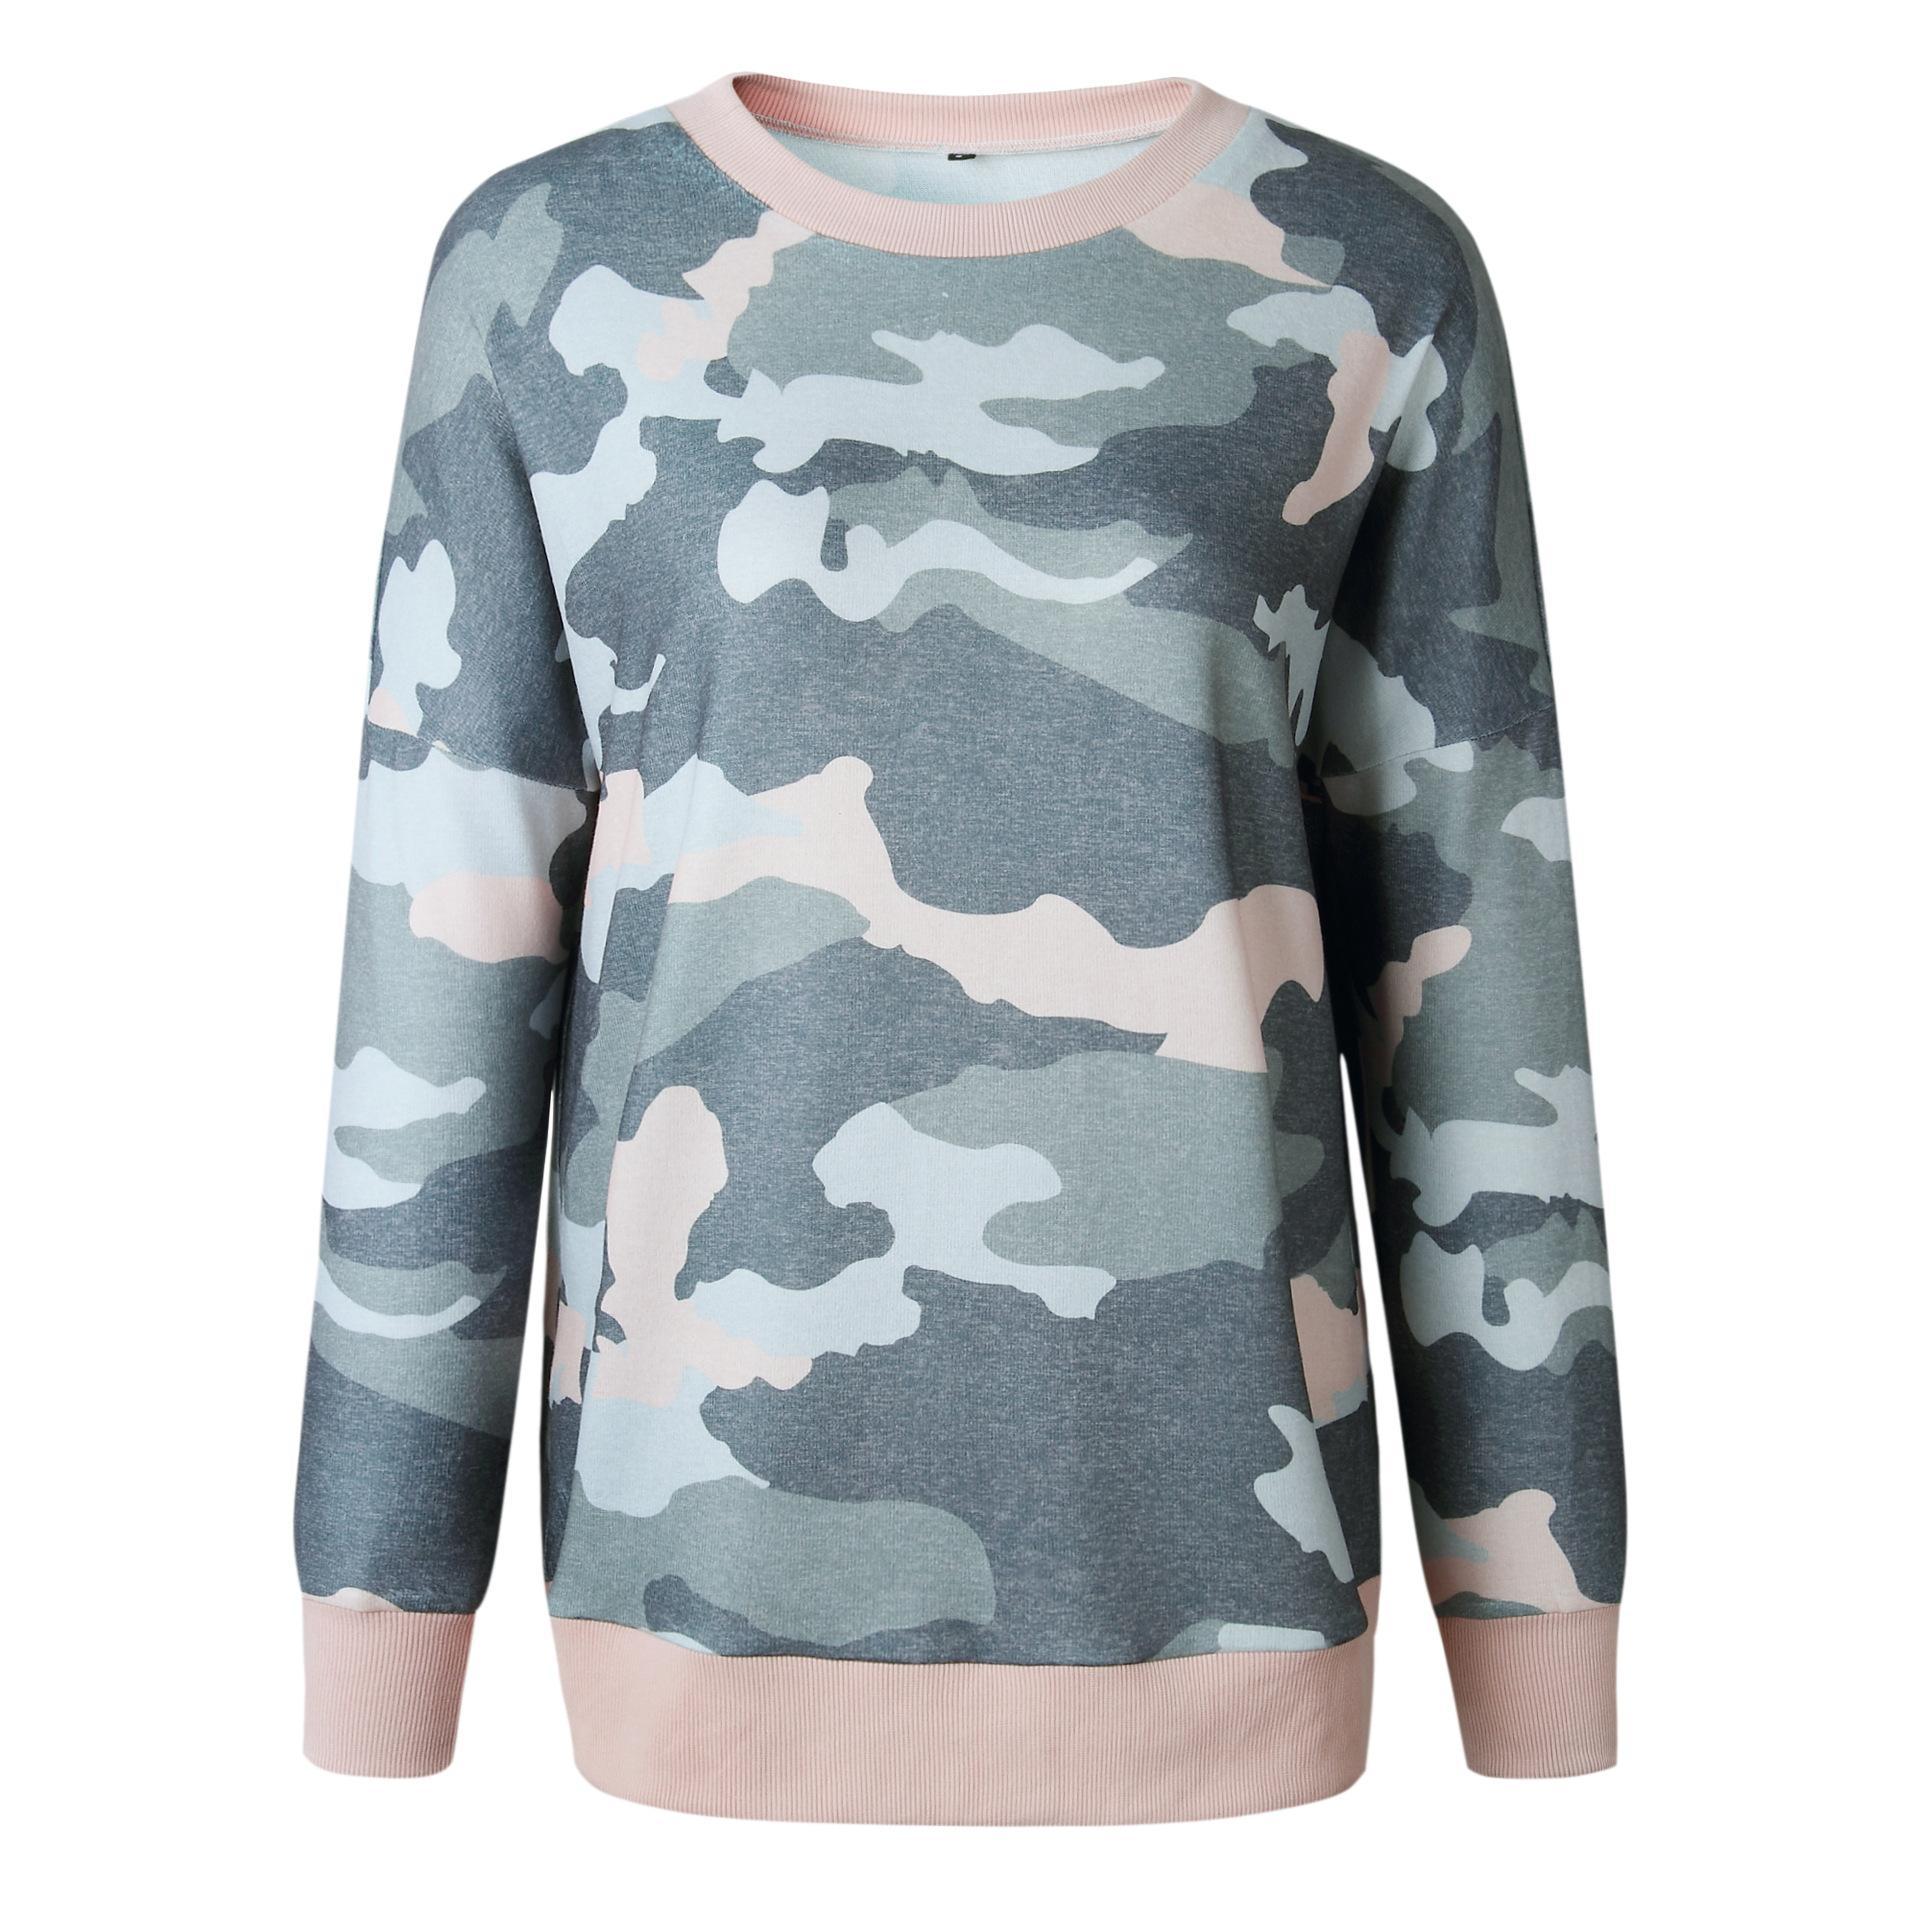 Neue Mode Persönlichkeit Herbst und Winter Mode gedruckt langärmelige Damen Top Guard 100233